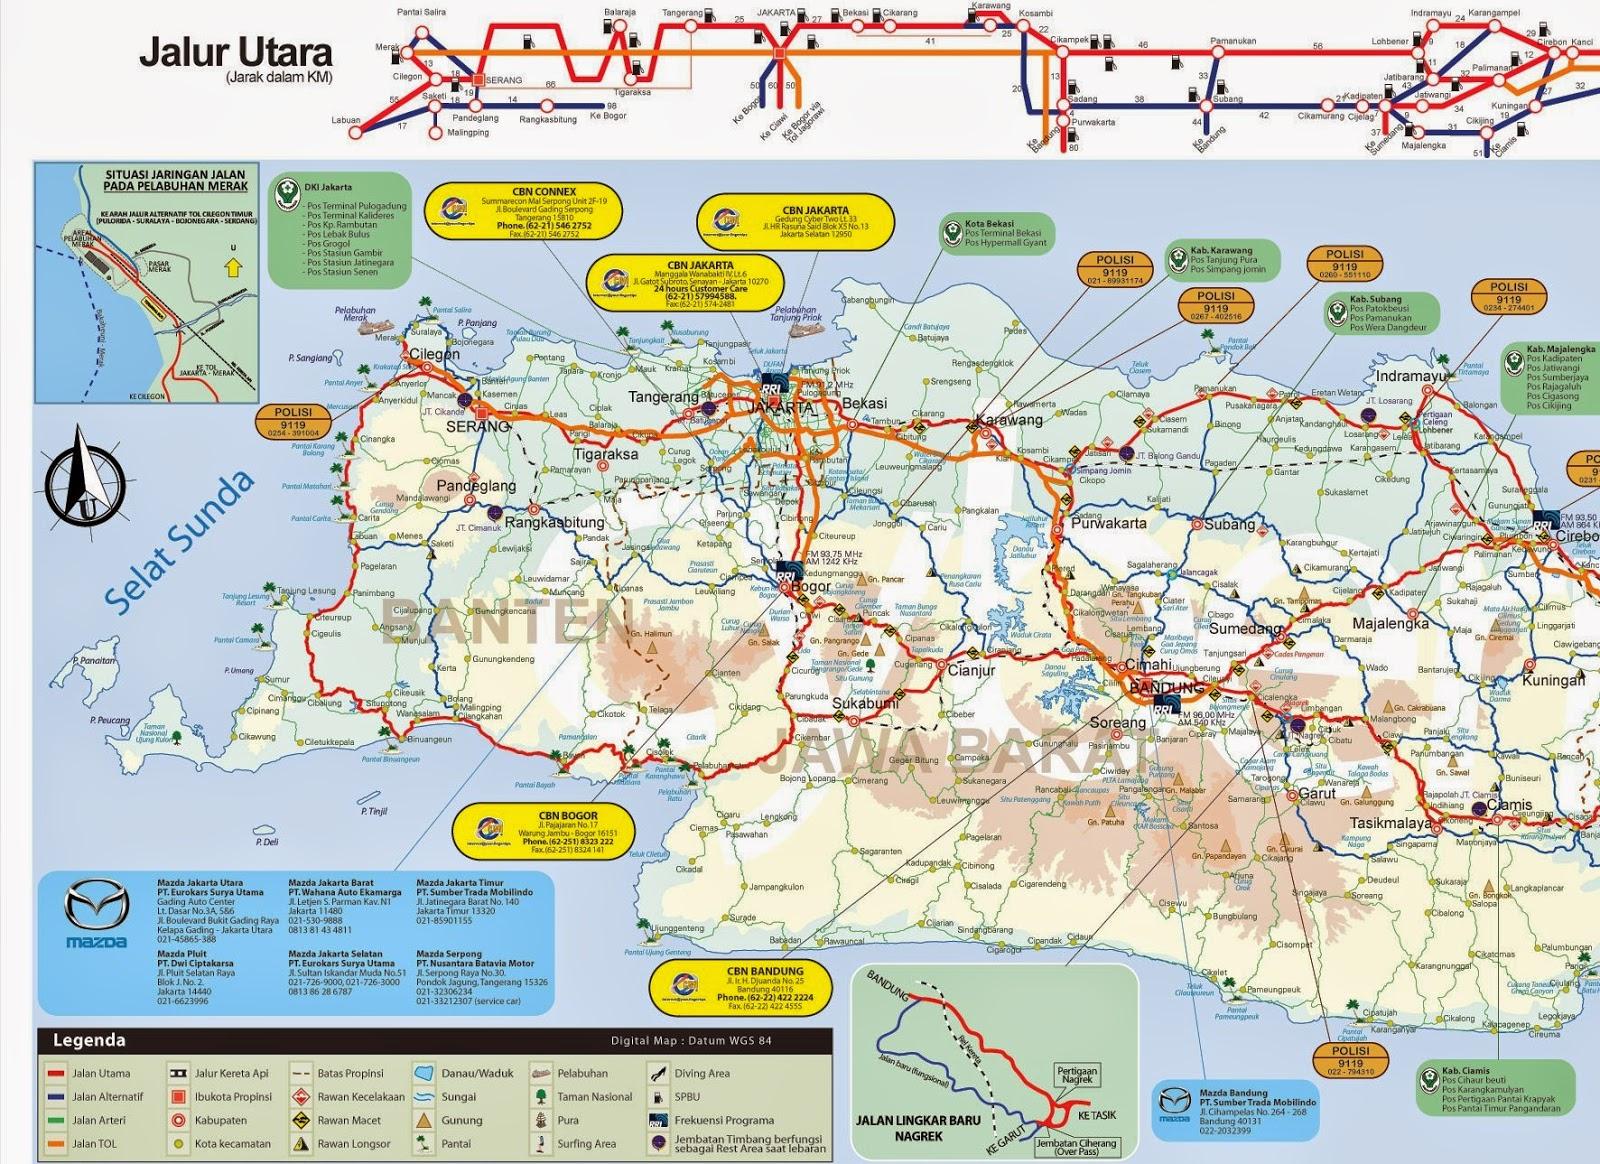 Peta Mudik Jawa Barat (Jabar)